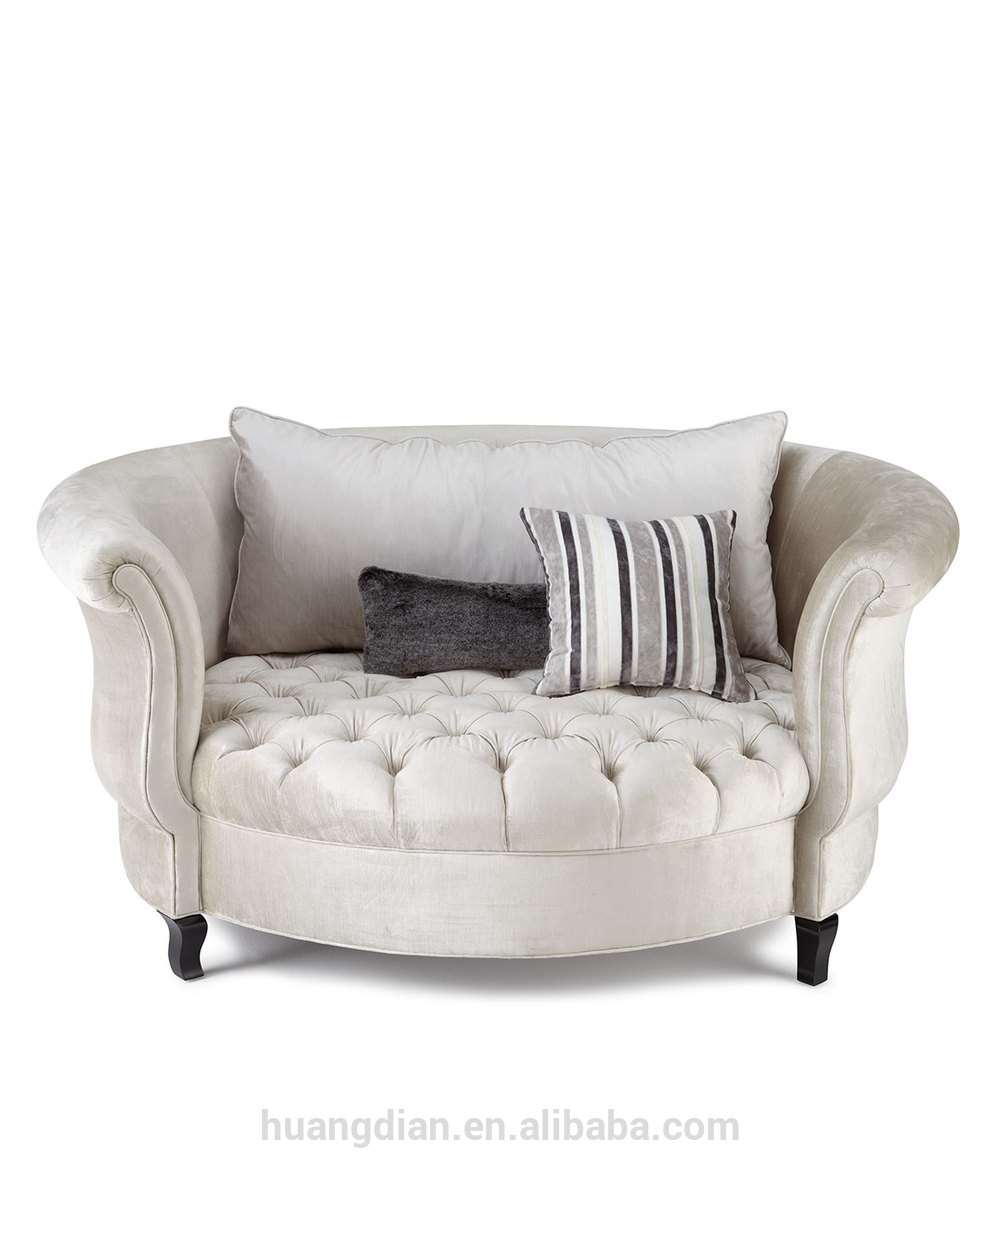 Round White Fabric Sofa Seat Living